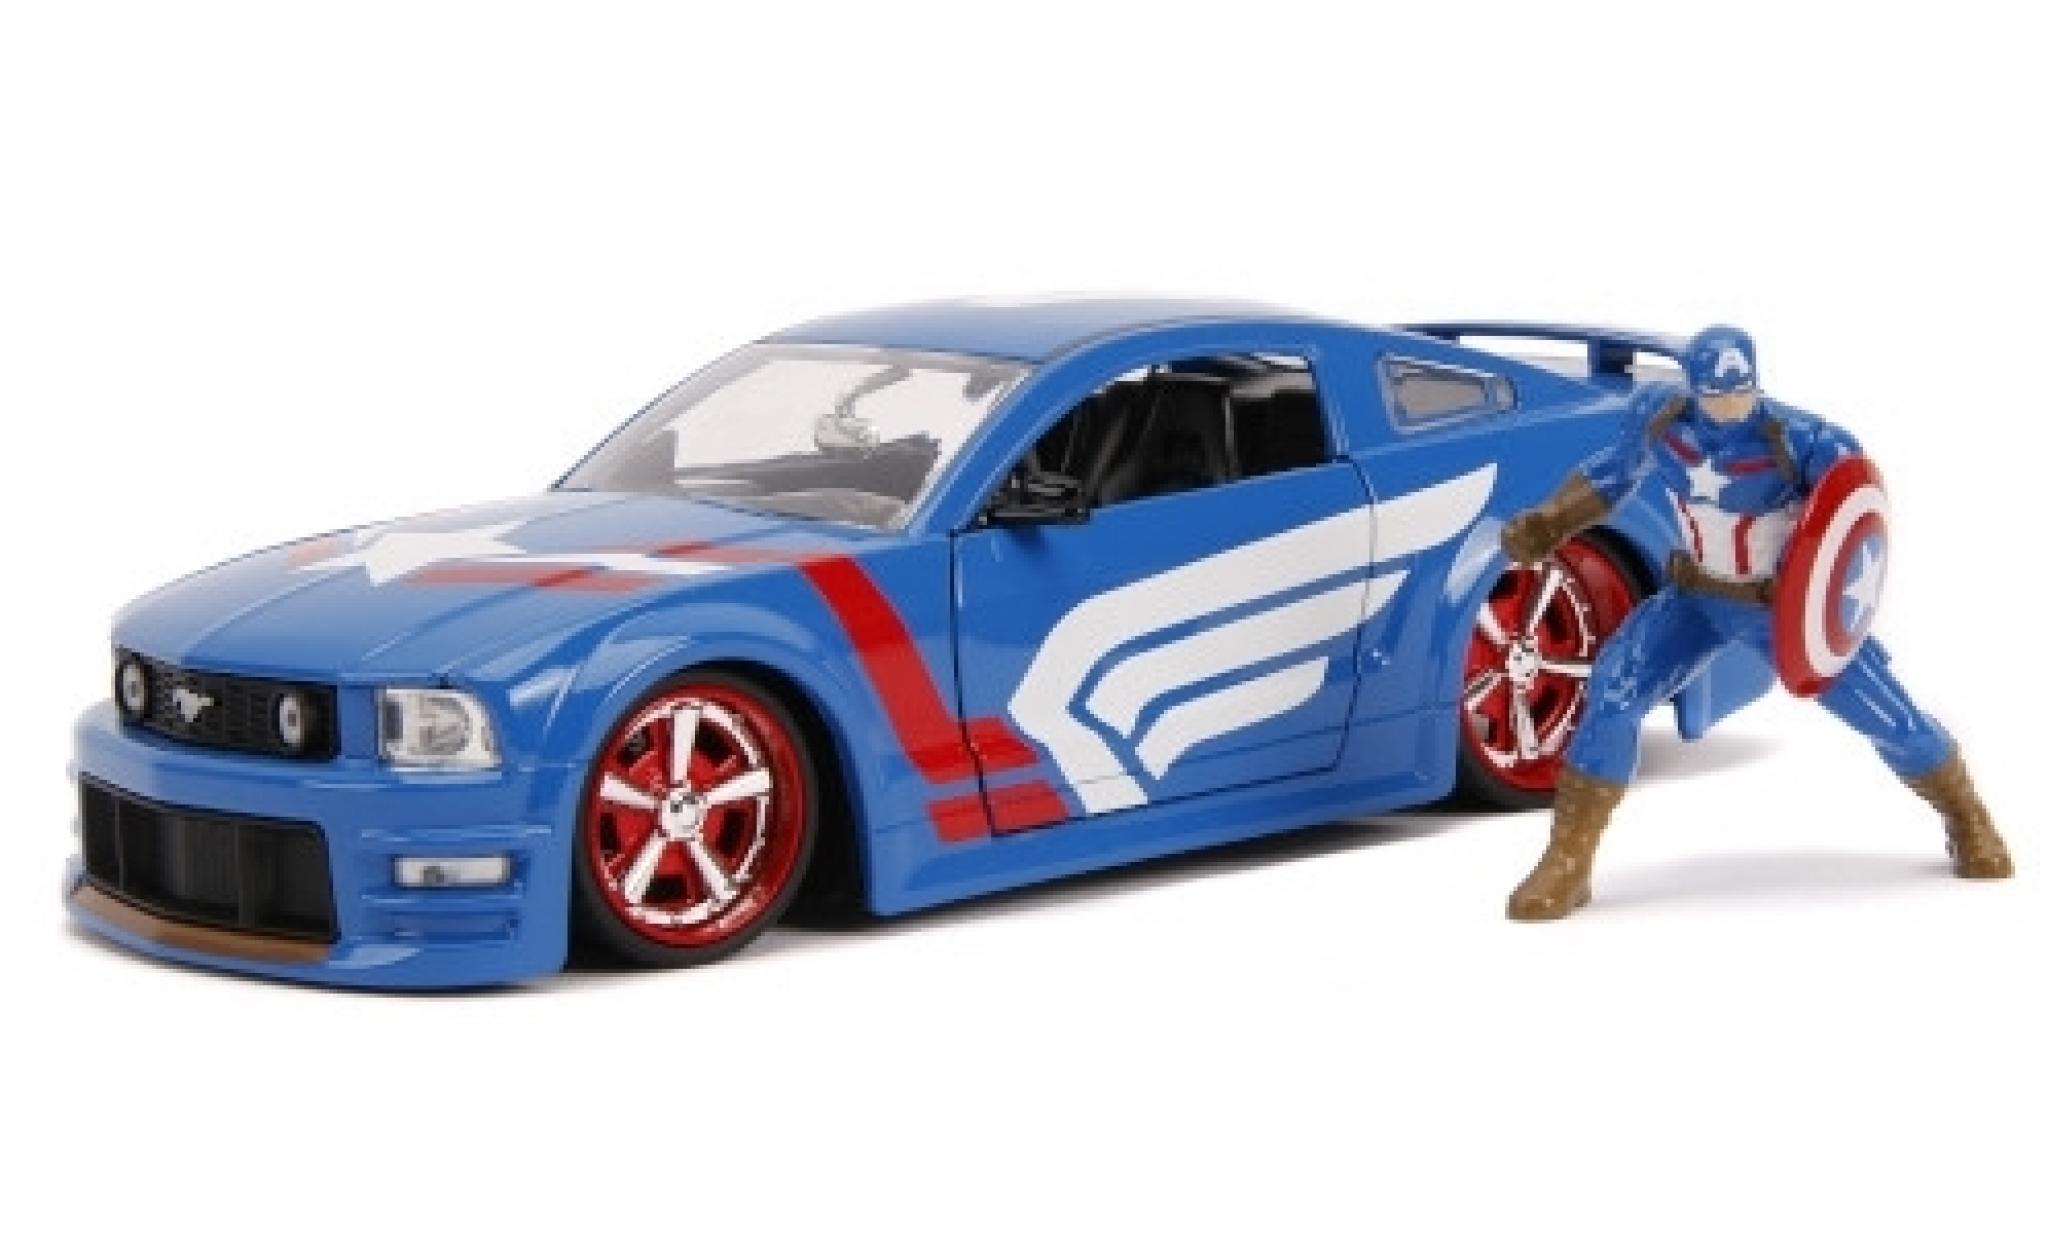 Ford Mustang 1/24 Jada GT bleue/Dekor Marvel Avengers - Captain America 2006 avec figurine